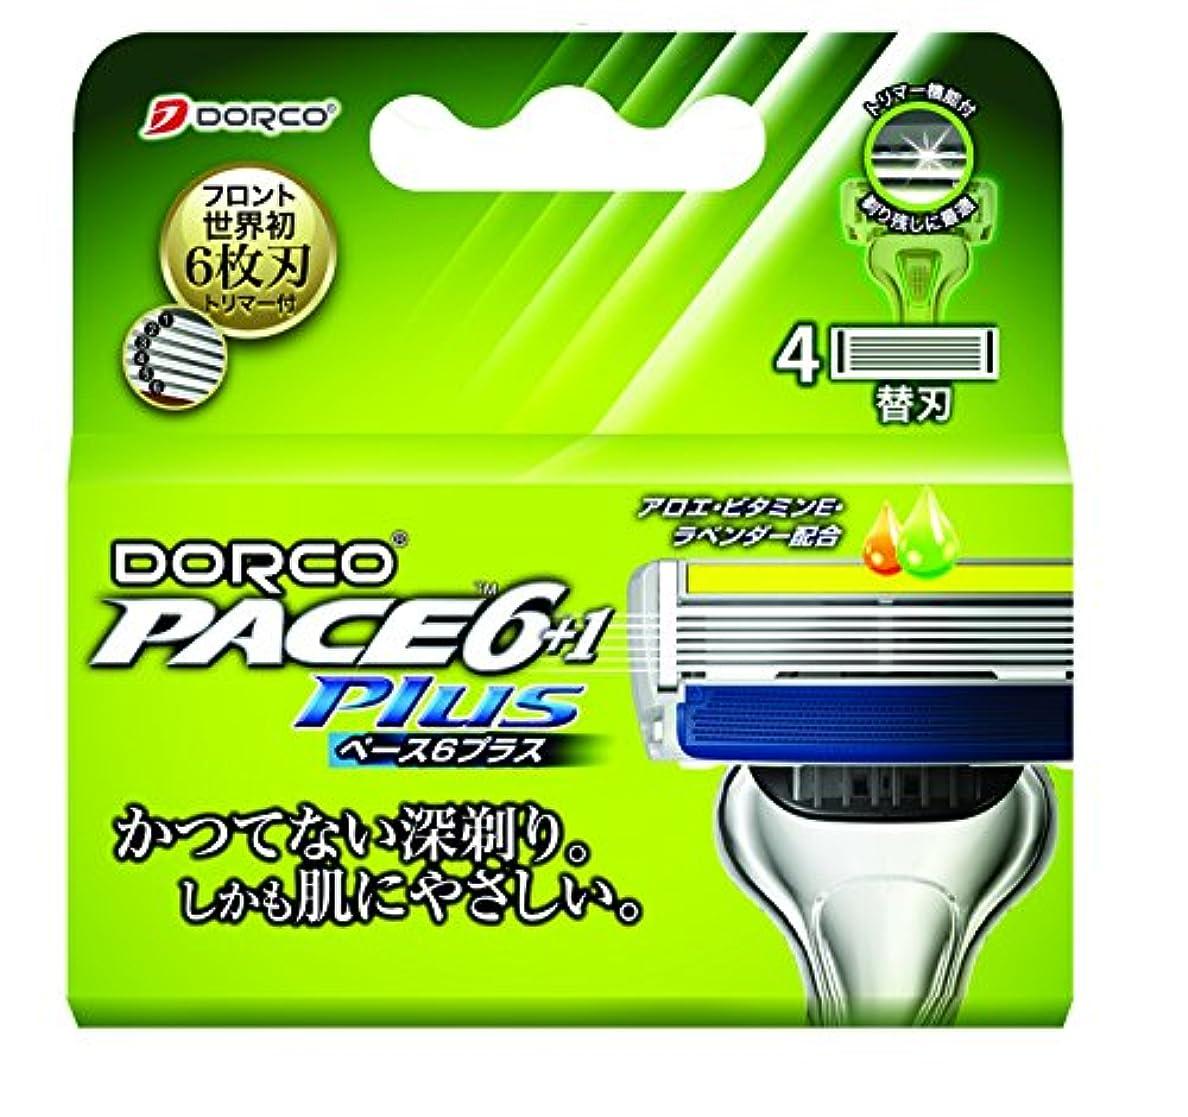 モバイルほかに雄大なDORCO ドルコ PACE6Plus 男性用替刃式 カミソリ6枚刃 替え刃